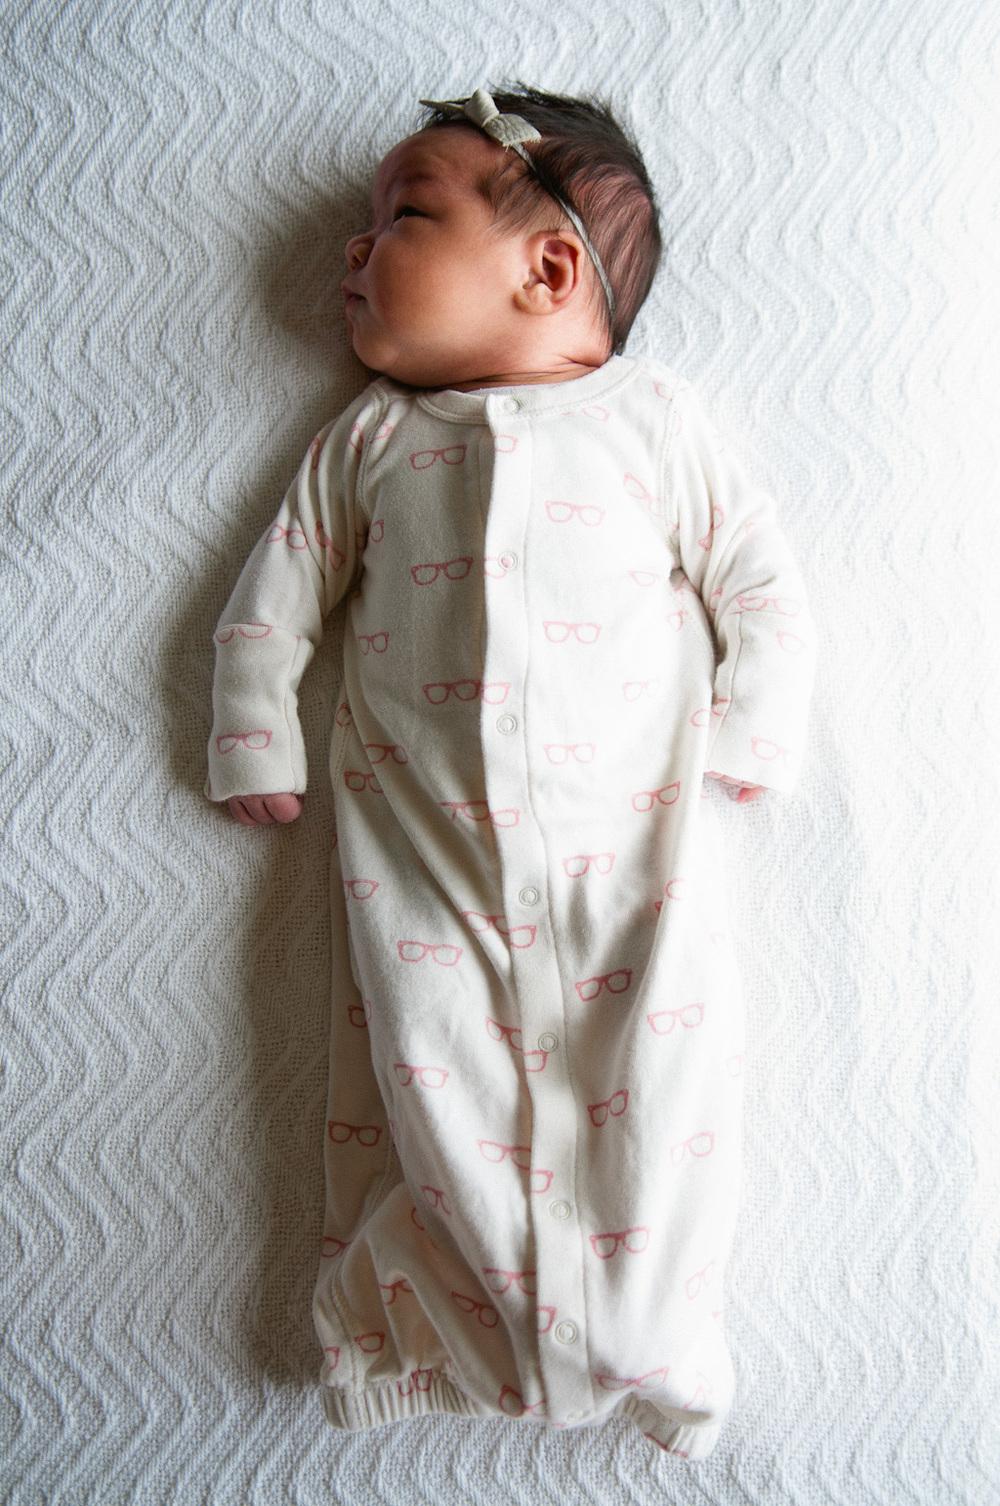 koko_newborns_90.jpg